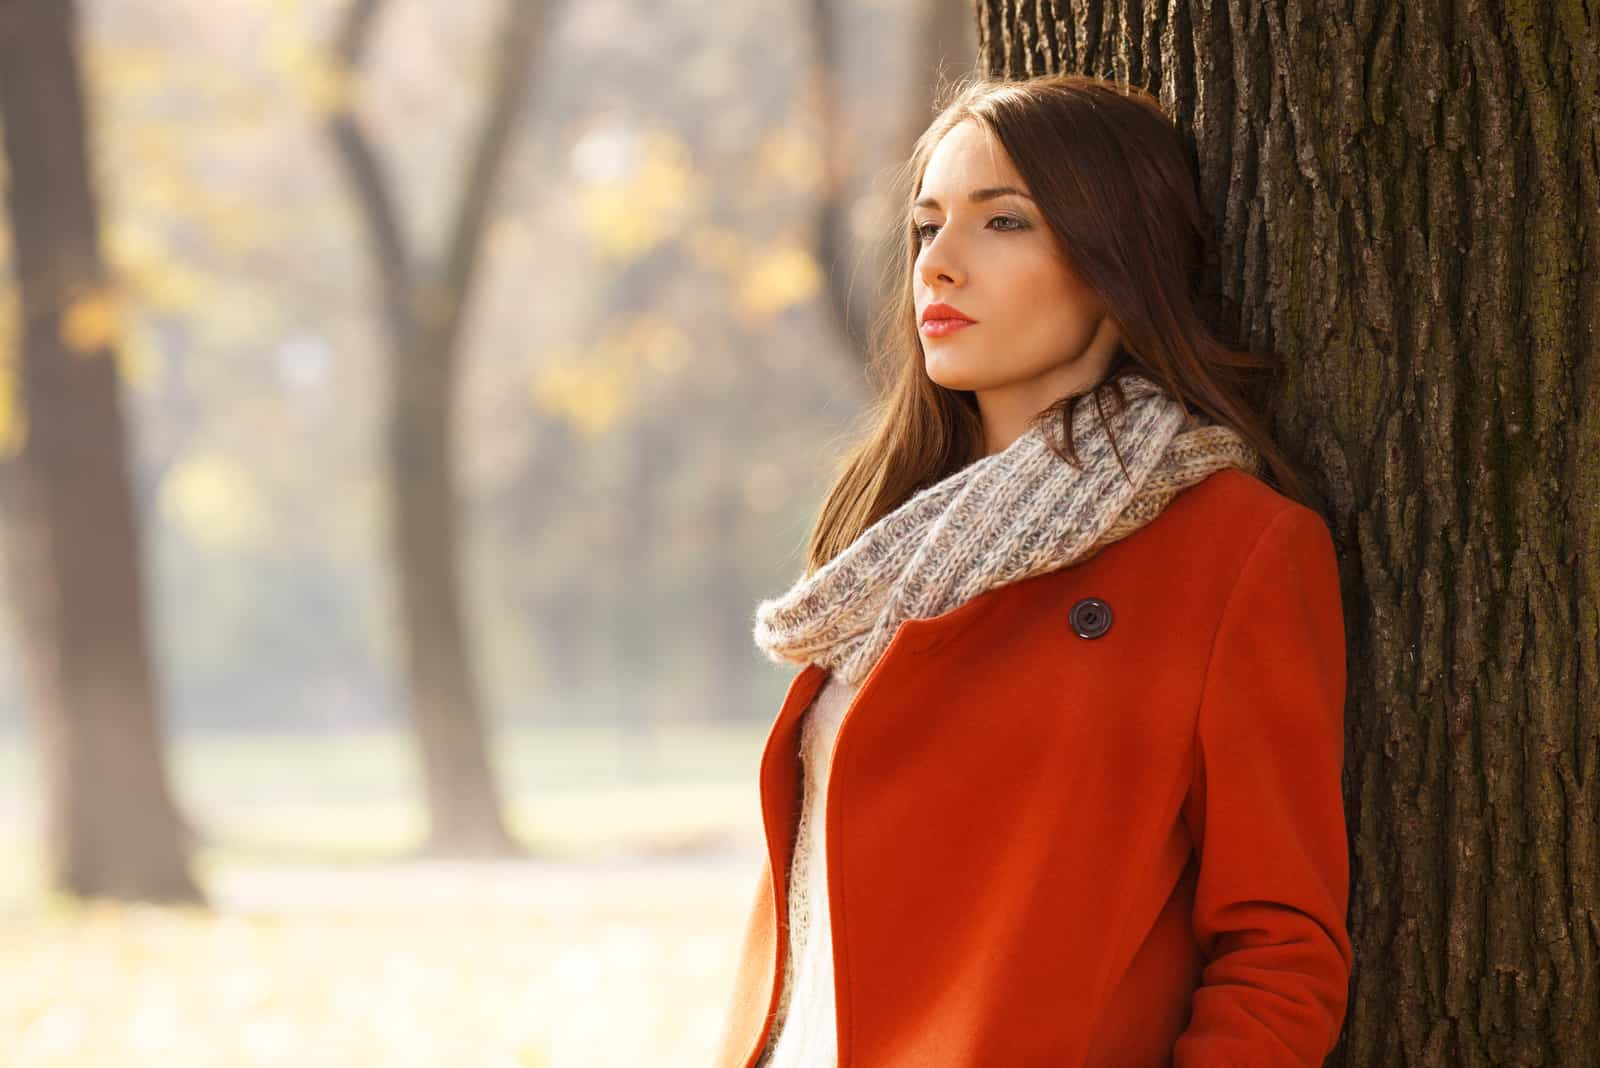 une femme debout près d'un arbre